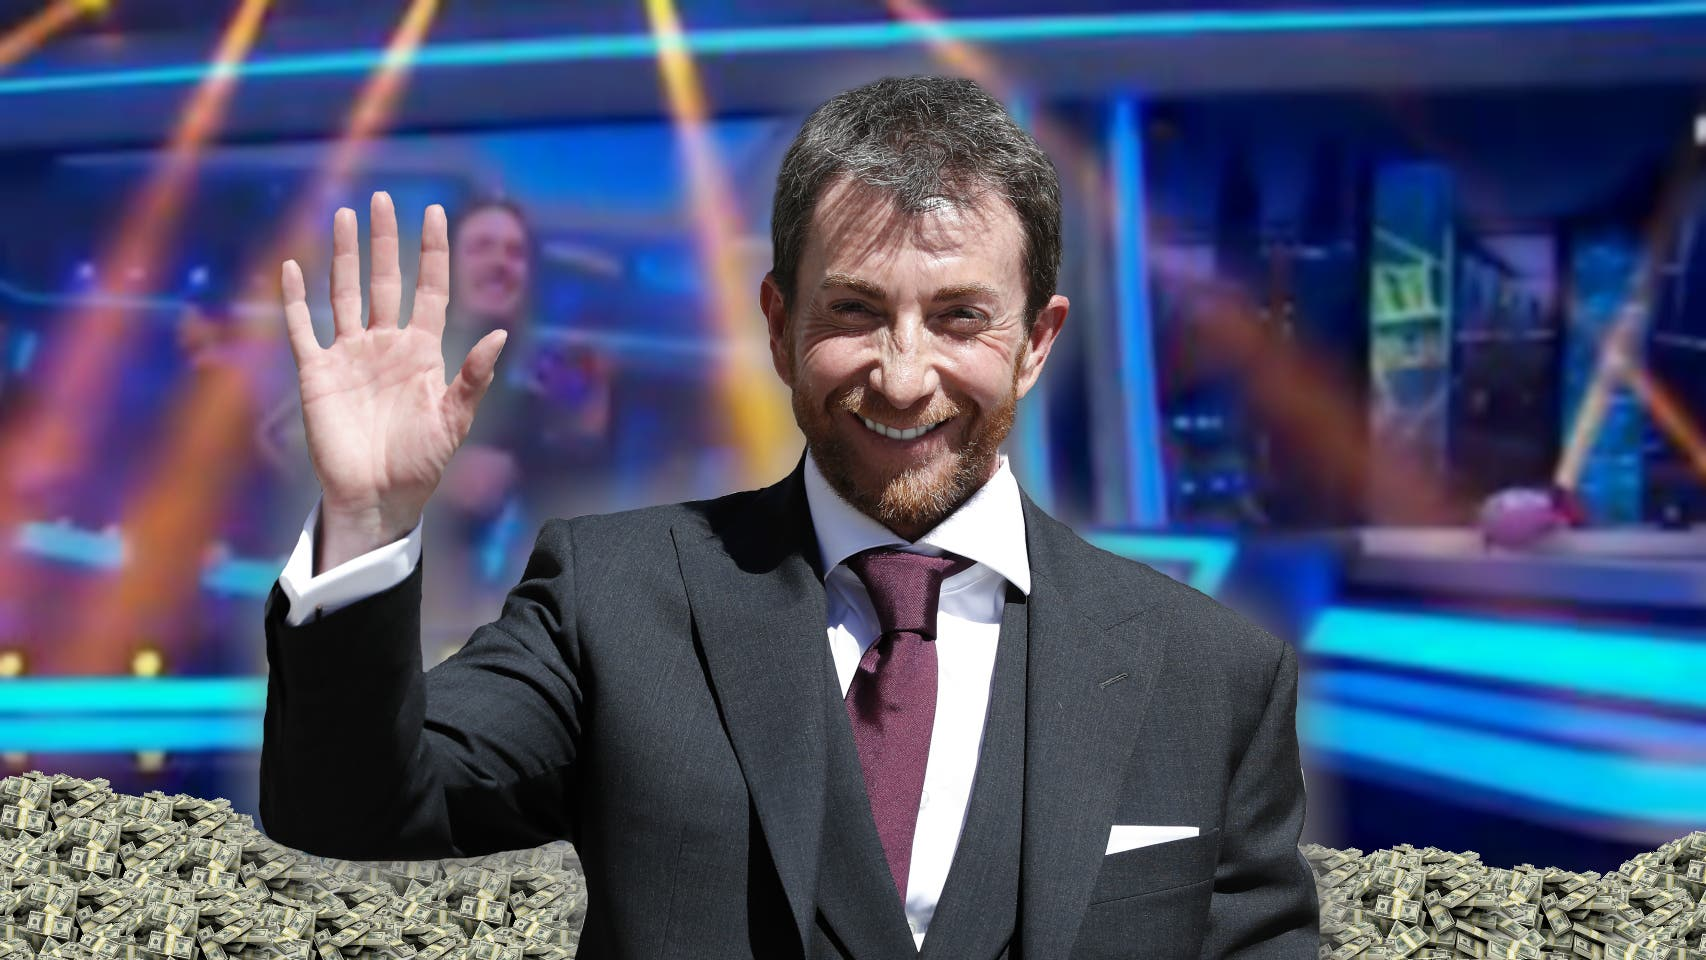 ¿Sabías que Pablo Motos es el presentador que más pasta gana, con 22,5 millones de euros al año?